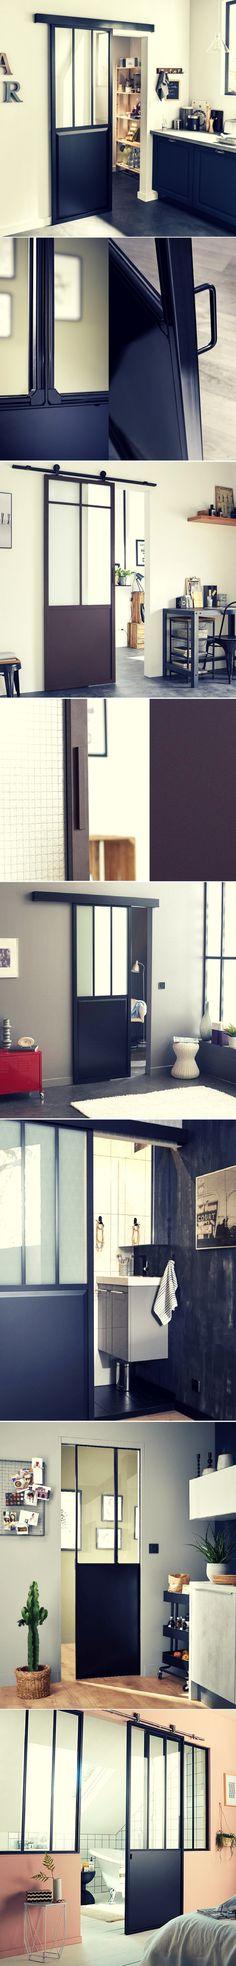 Où Trouver Une Porte Coulissante Atelier Style Verrière ?